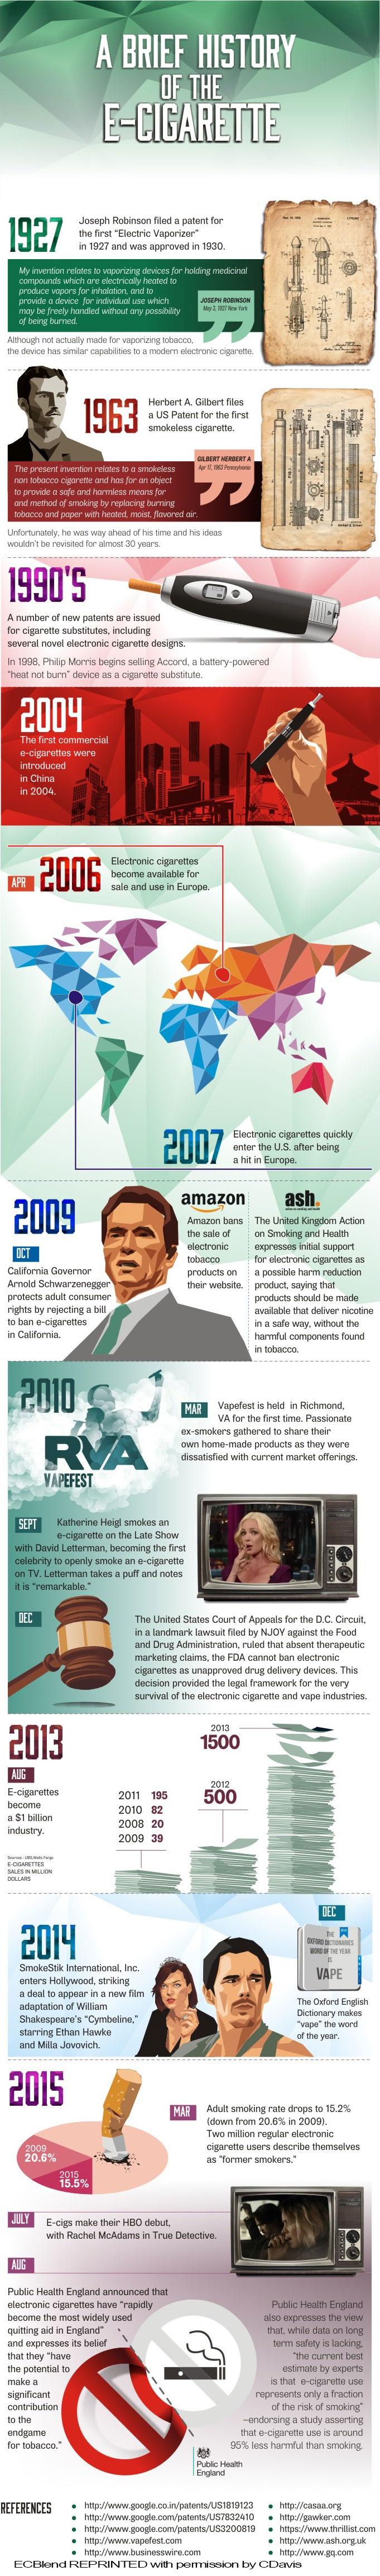 ECBlend - A Brief History of the E-Cigarette